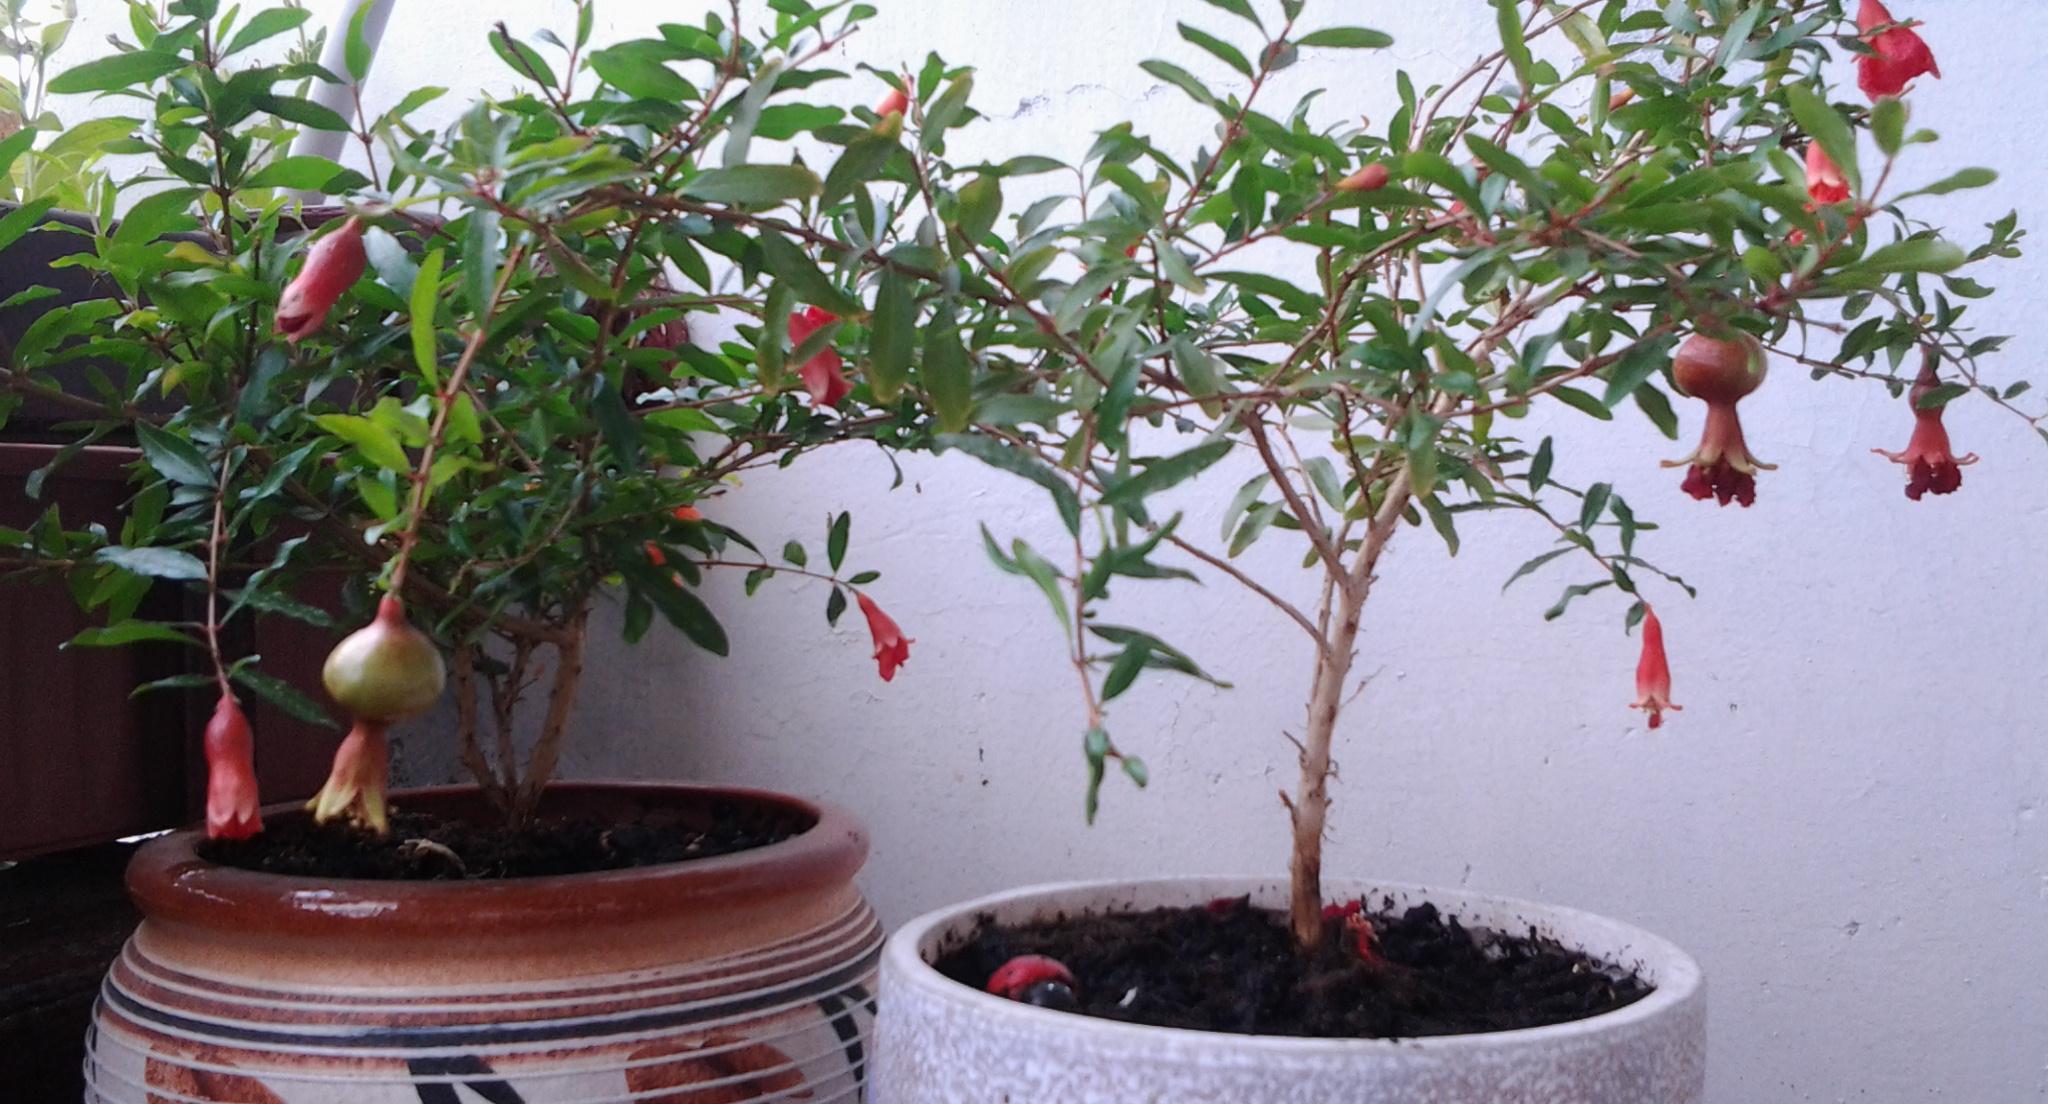 Выращивание граната из косточки в домашних условиях: советы профессионалов